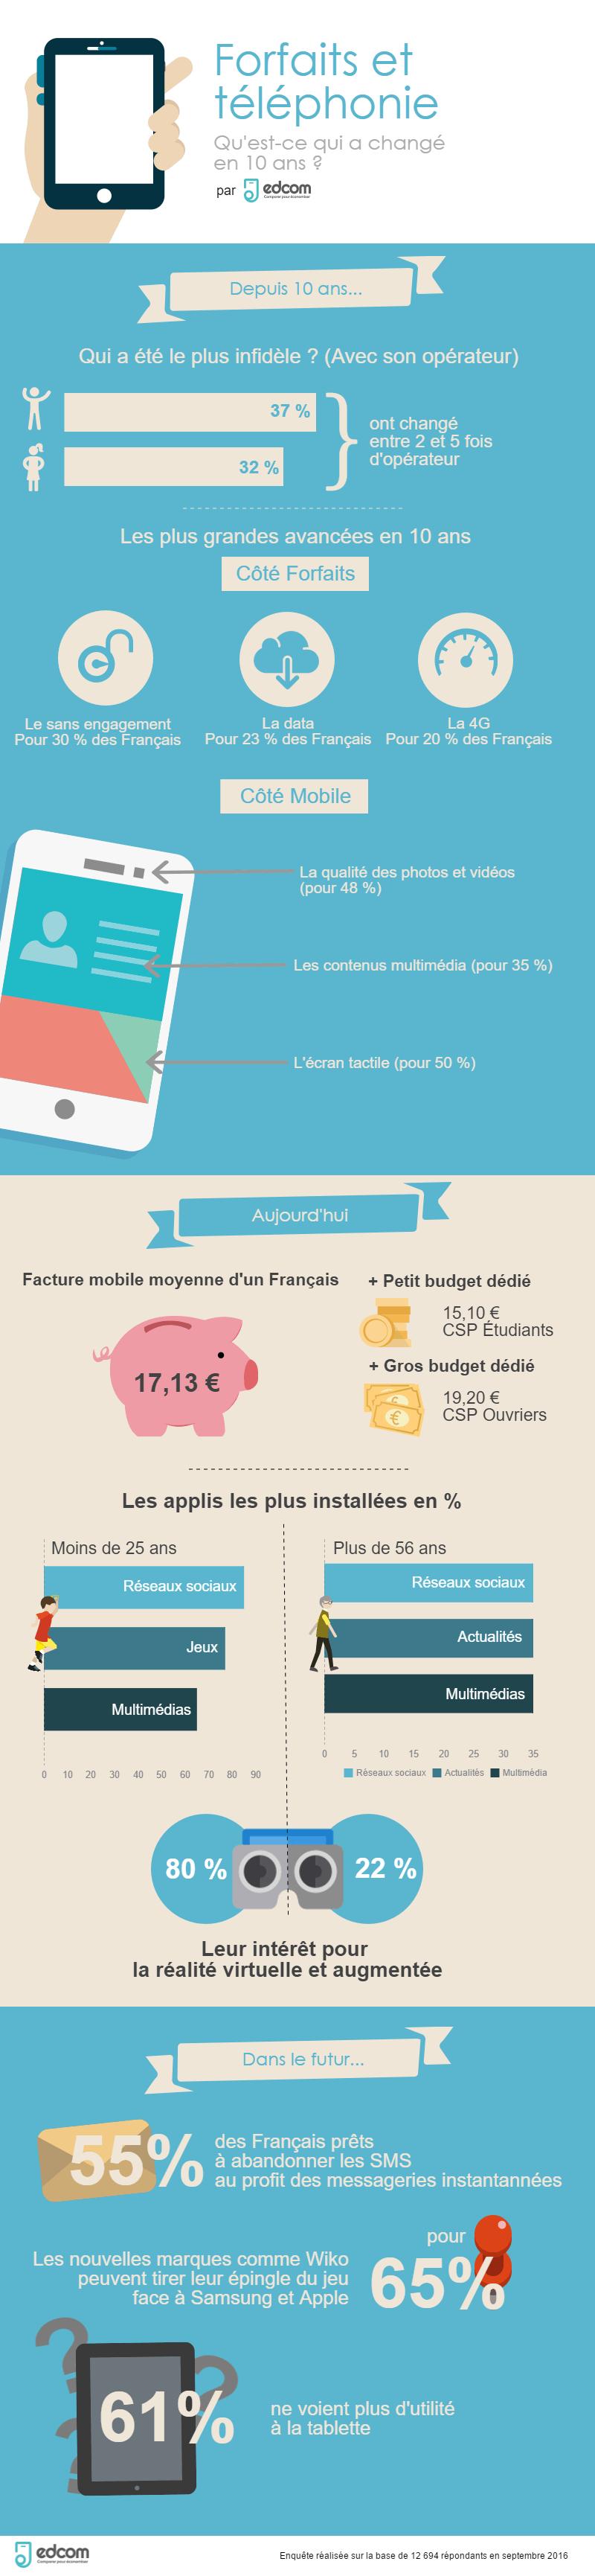 Infographie EDCOM 2016 forfaits telephonie - Infographie : forfaits et téléphonie, ce qui a changé en 10 ans